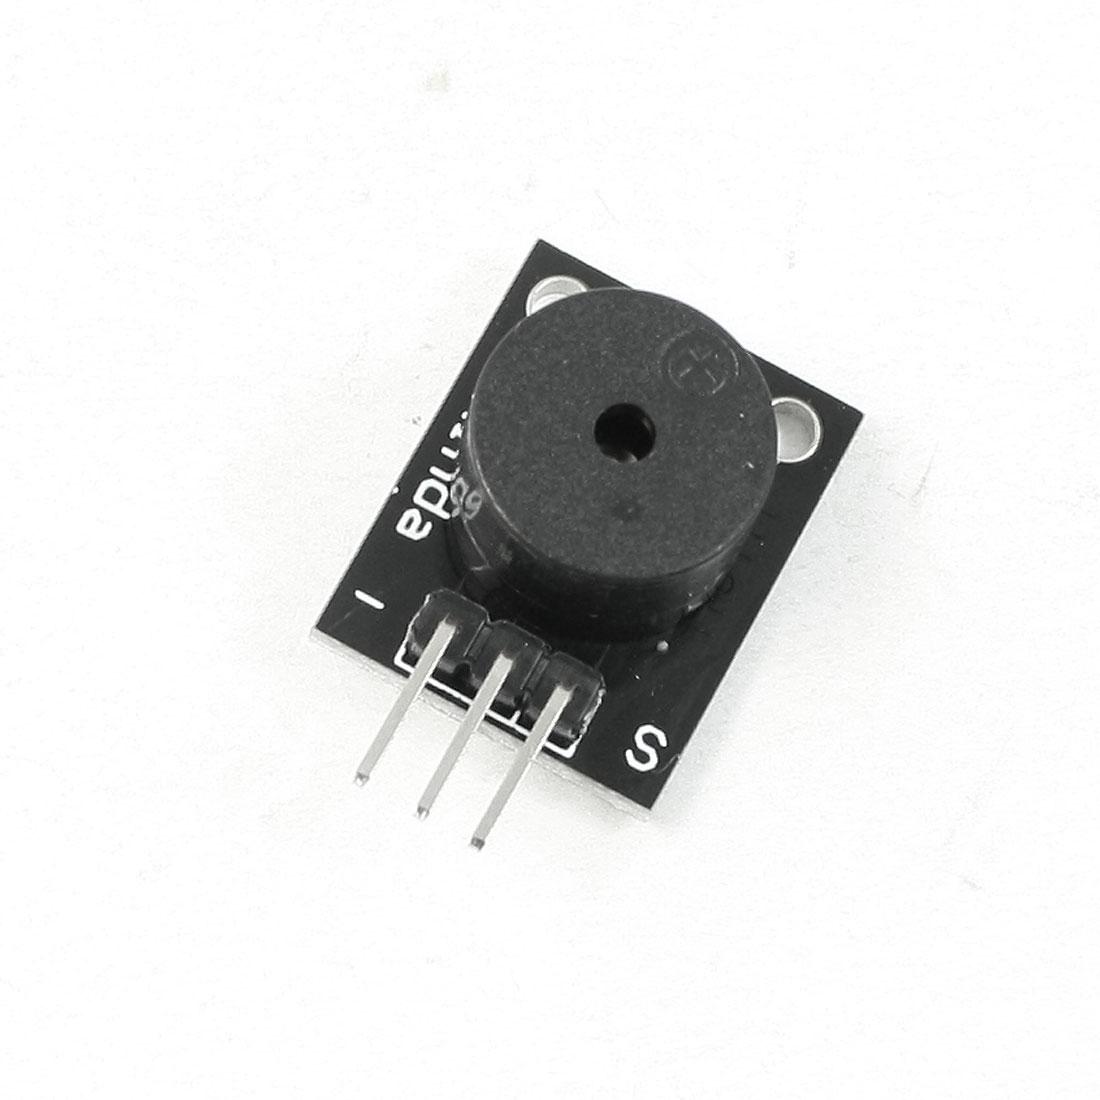 Passive Speaker Buzzer Module Board for MCU